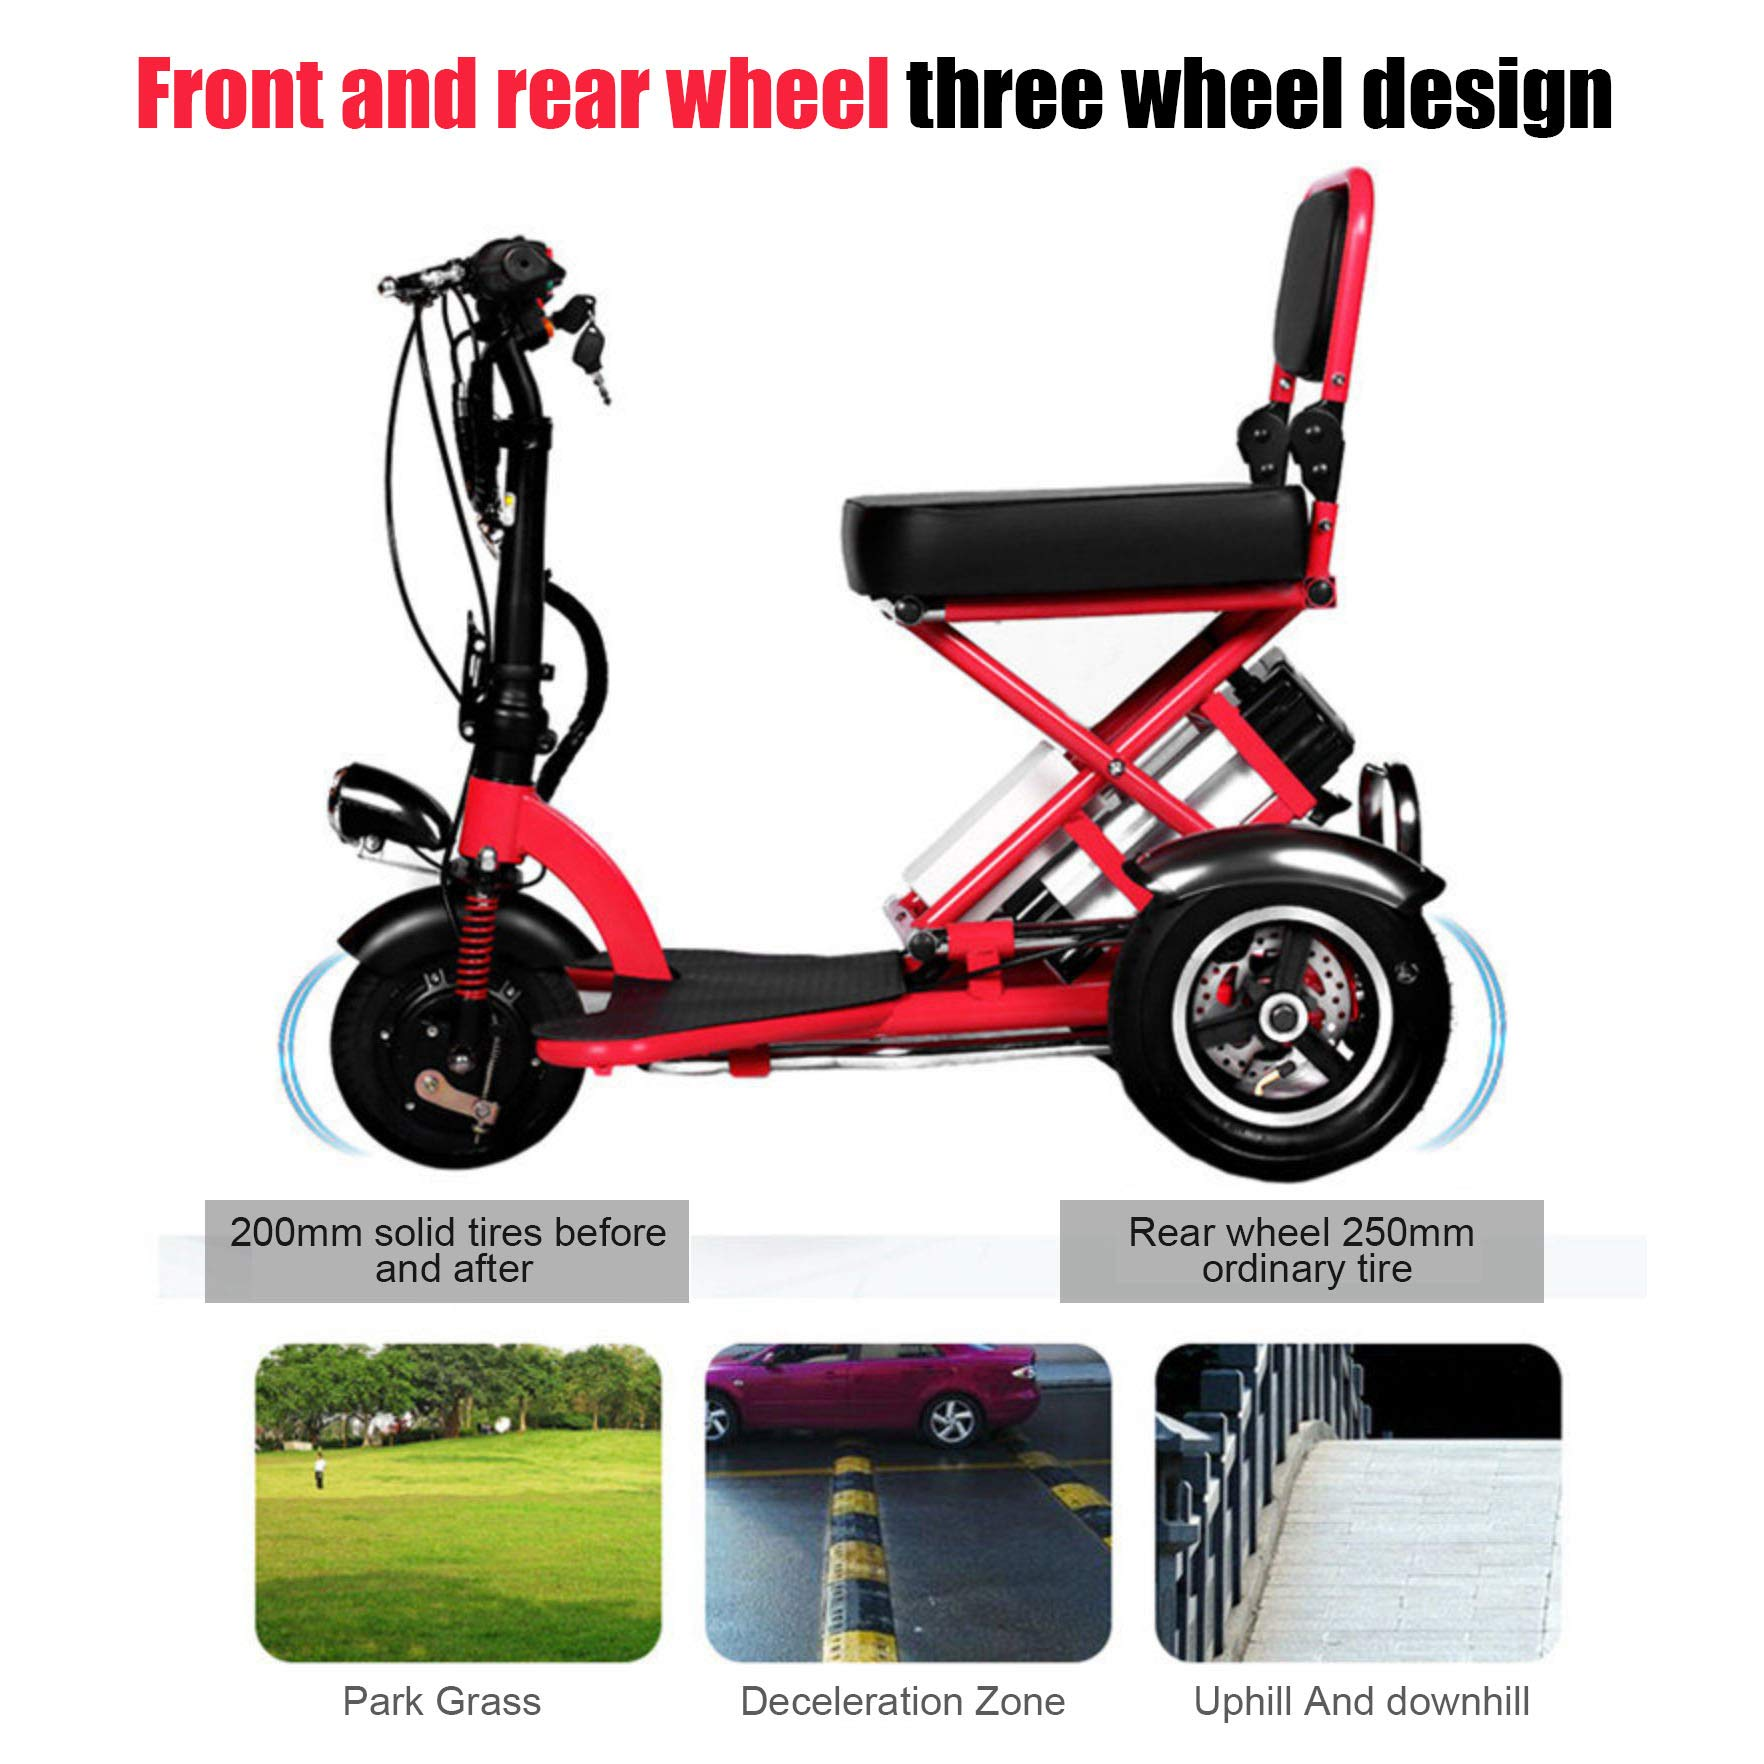 SPEED Mini Triciclo El/éctrico Plegable Scooter El/éctrico Adultos Litio Port/átil para Discapacitados Ancianos Bater/ía Coche 48V Puede Durar 60 Km Red